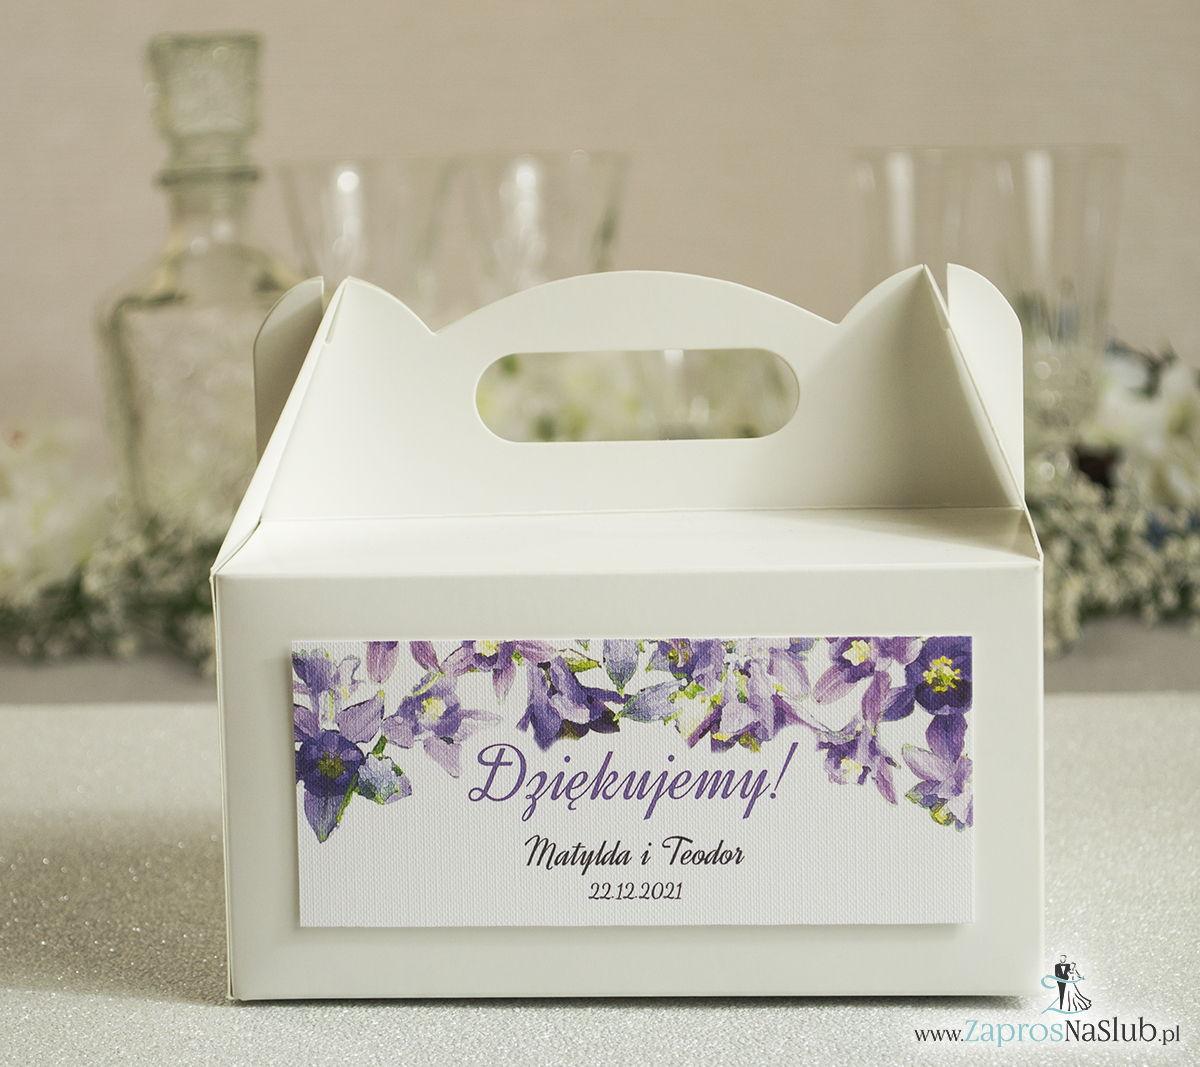 Kwiatowe pudełka na ciasta - podziękowania dla gości w formie pudełek na ciasto z motywem fioletowo-zielonych kwiatów